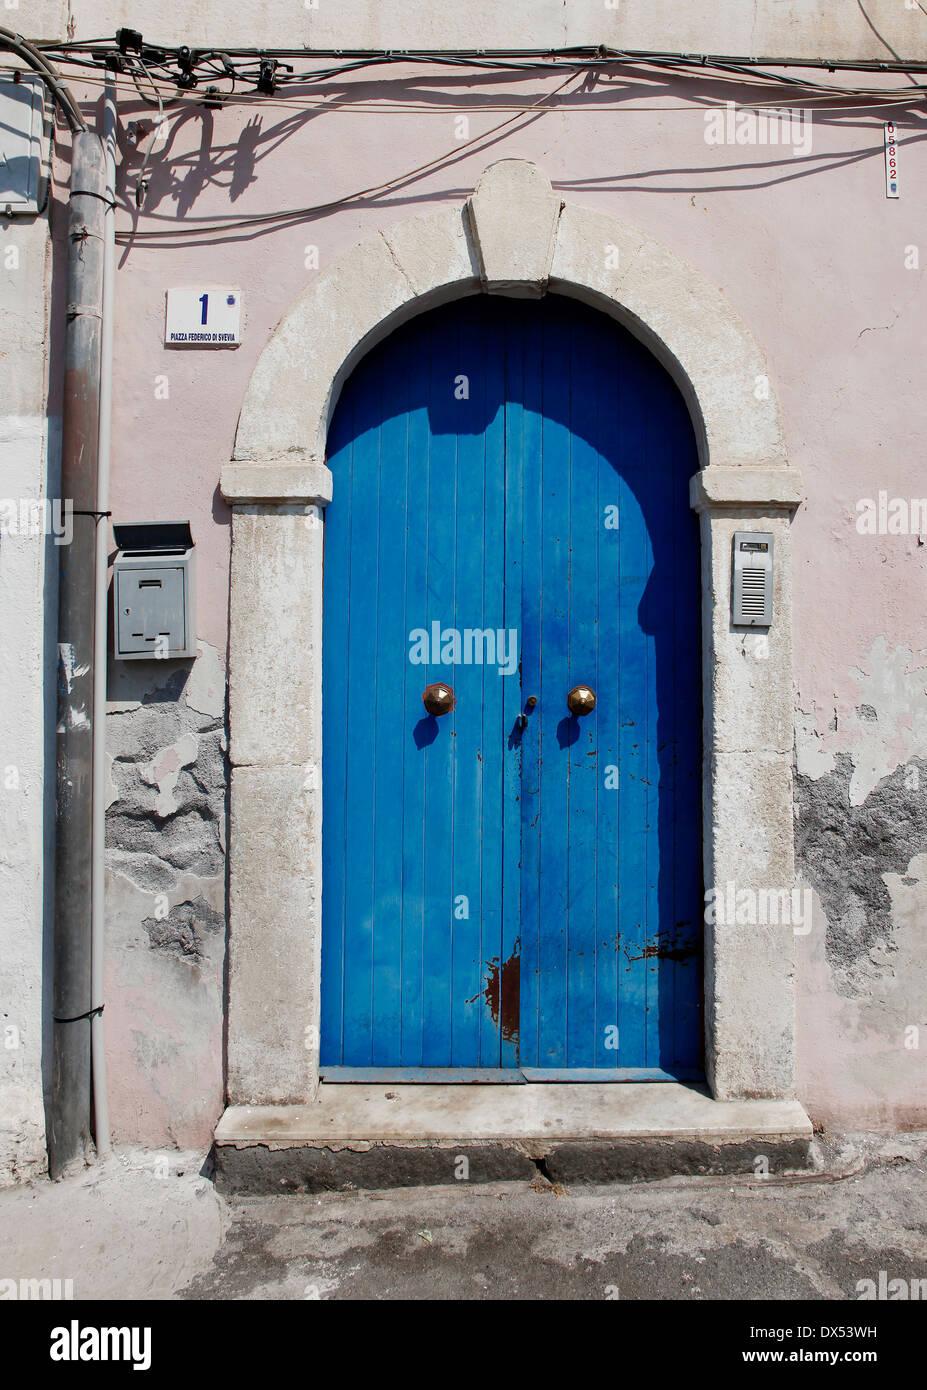 Una porta blu con cassetta postale, numero 1 e telefono in entrata Foto Stock